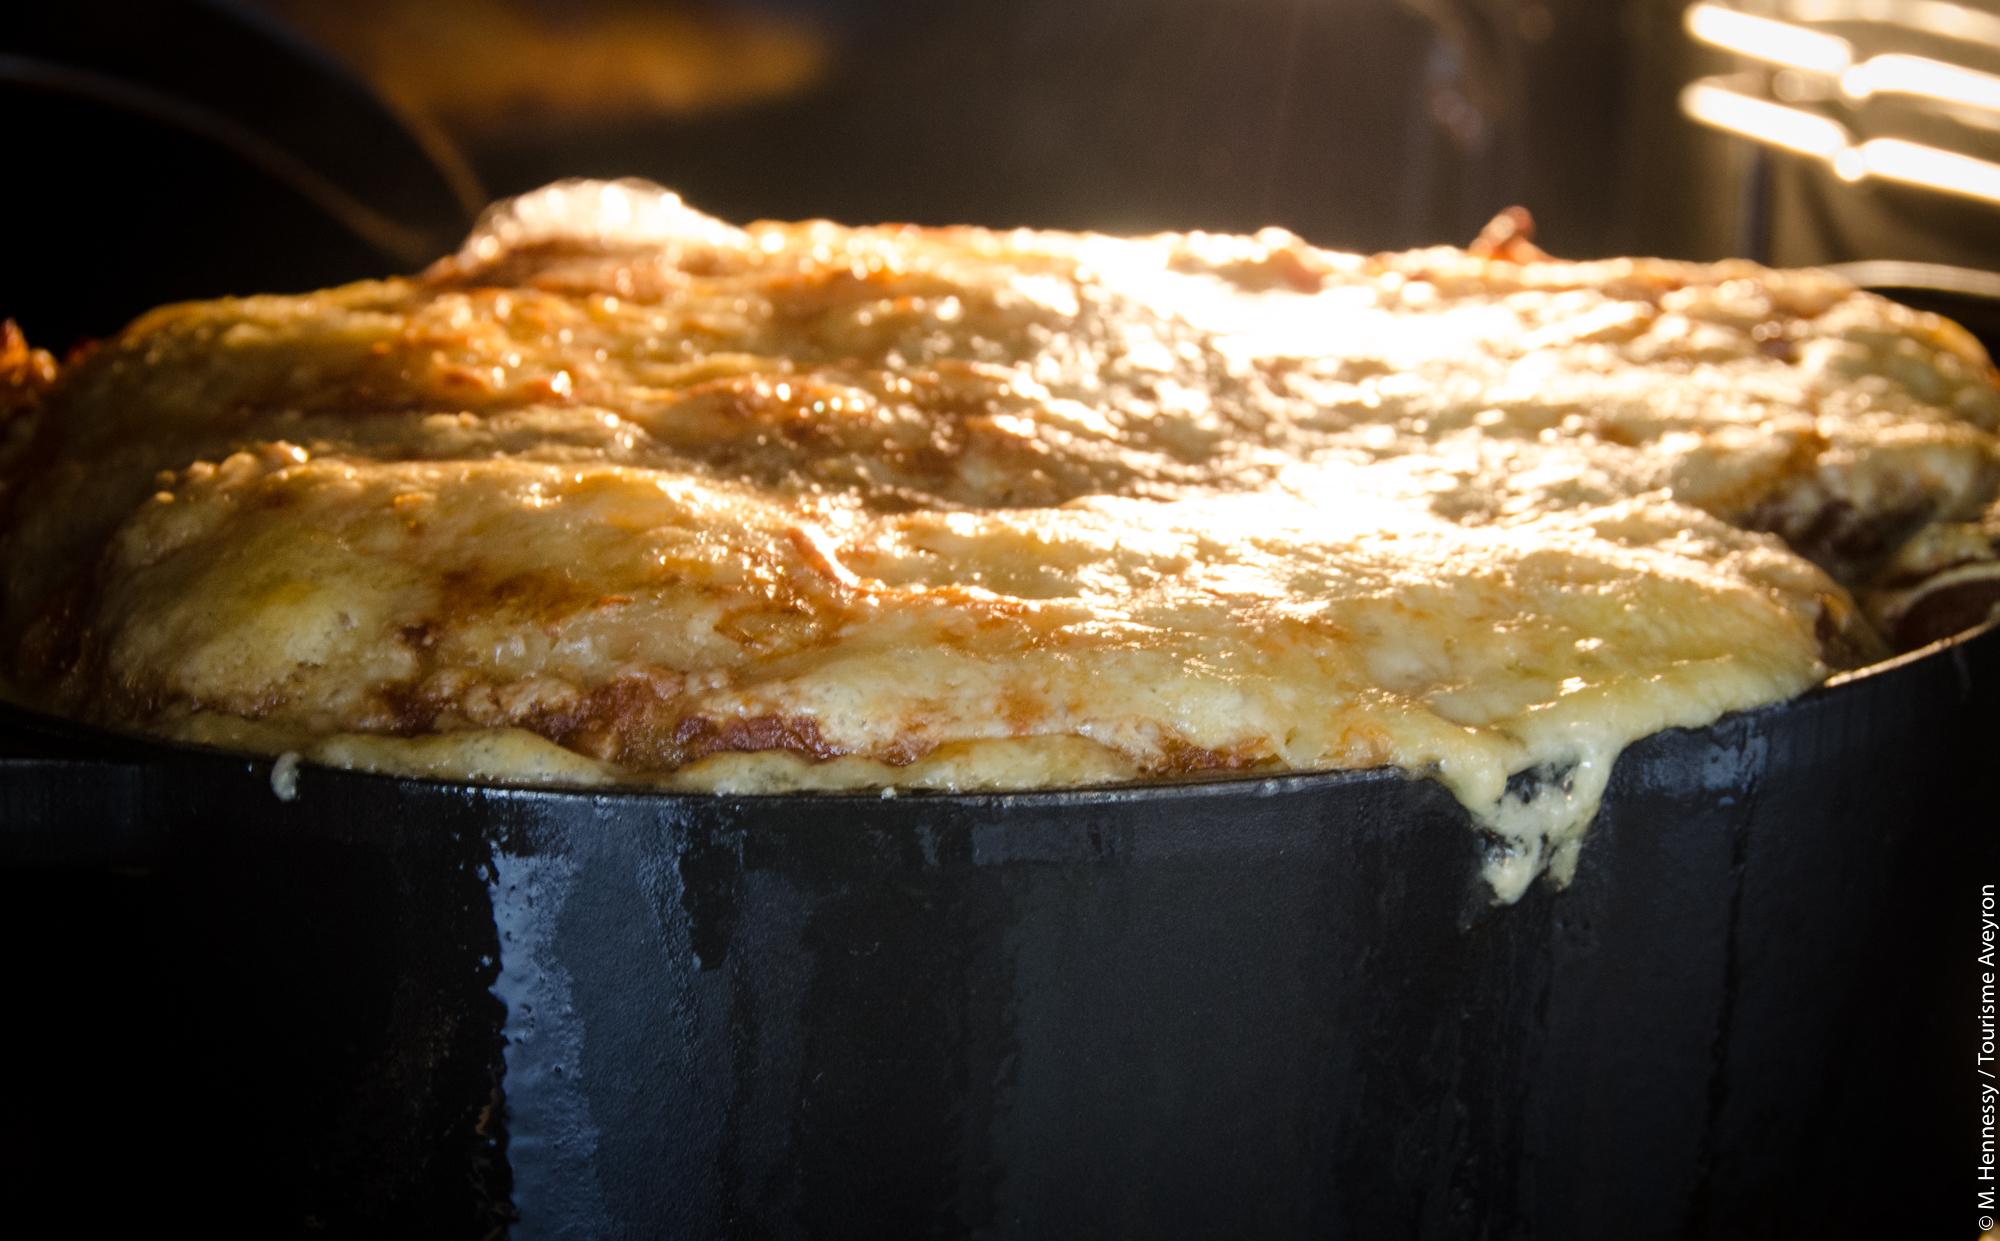 Préparation de la soupe au fromage de l'Aveyron